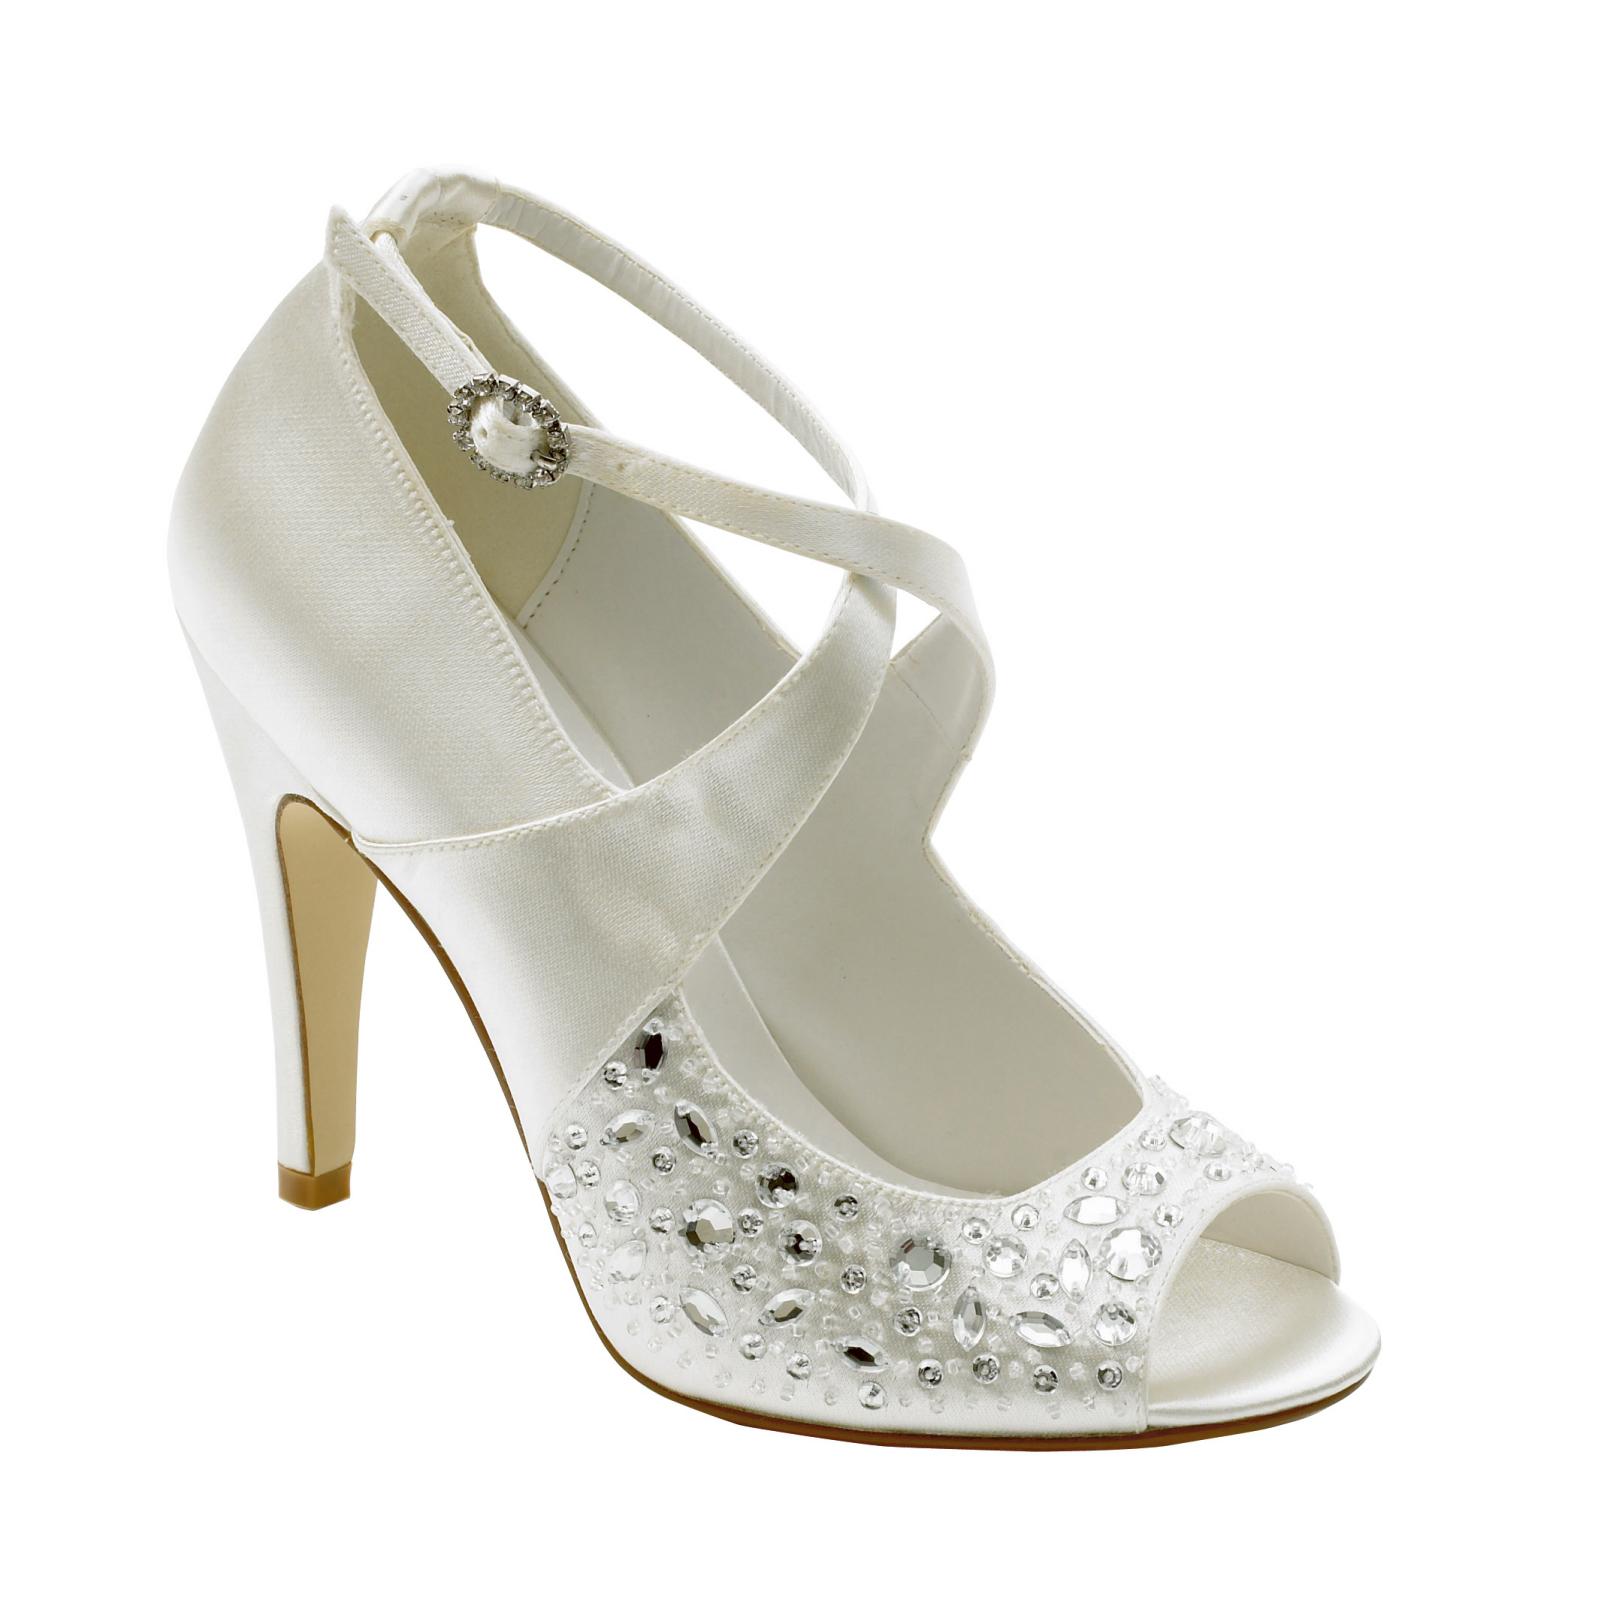 wedding shoes photos photo - 1